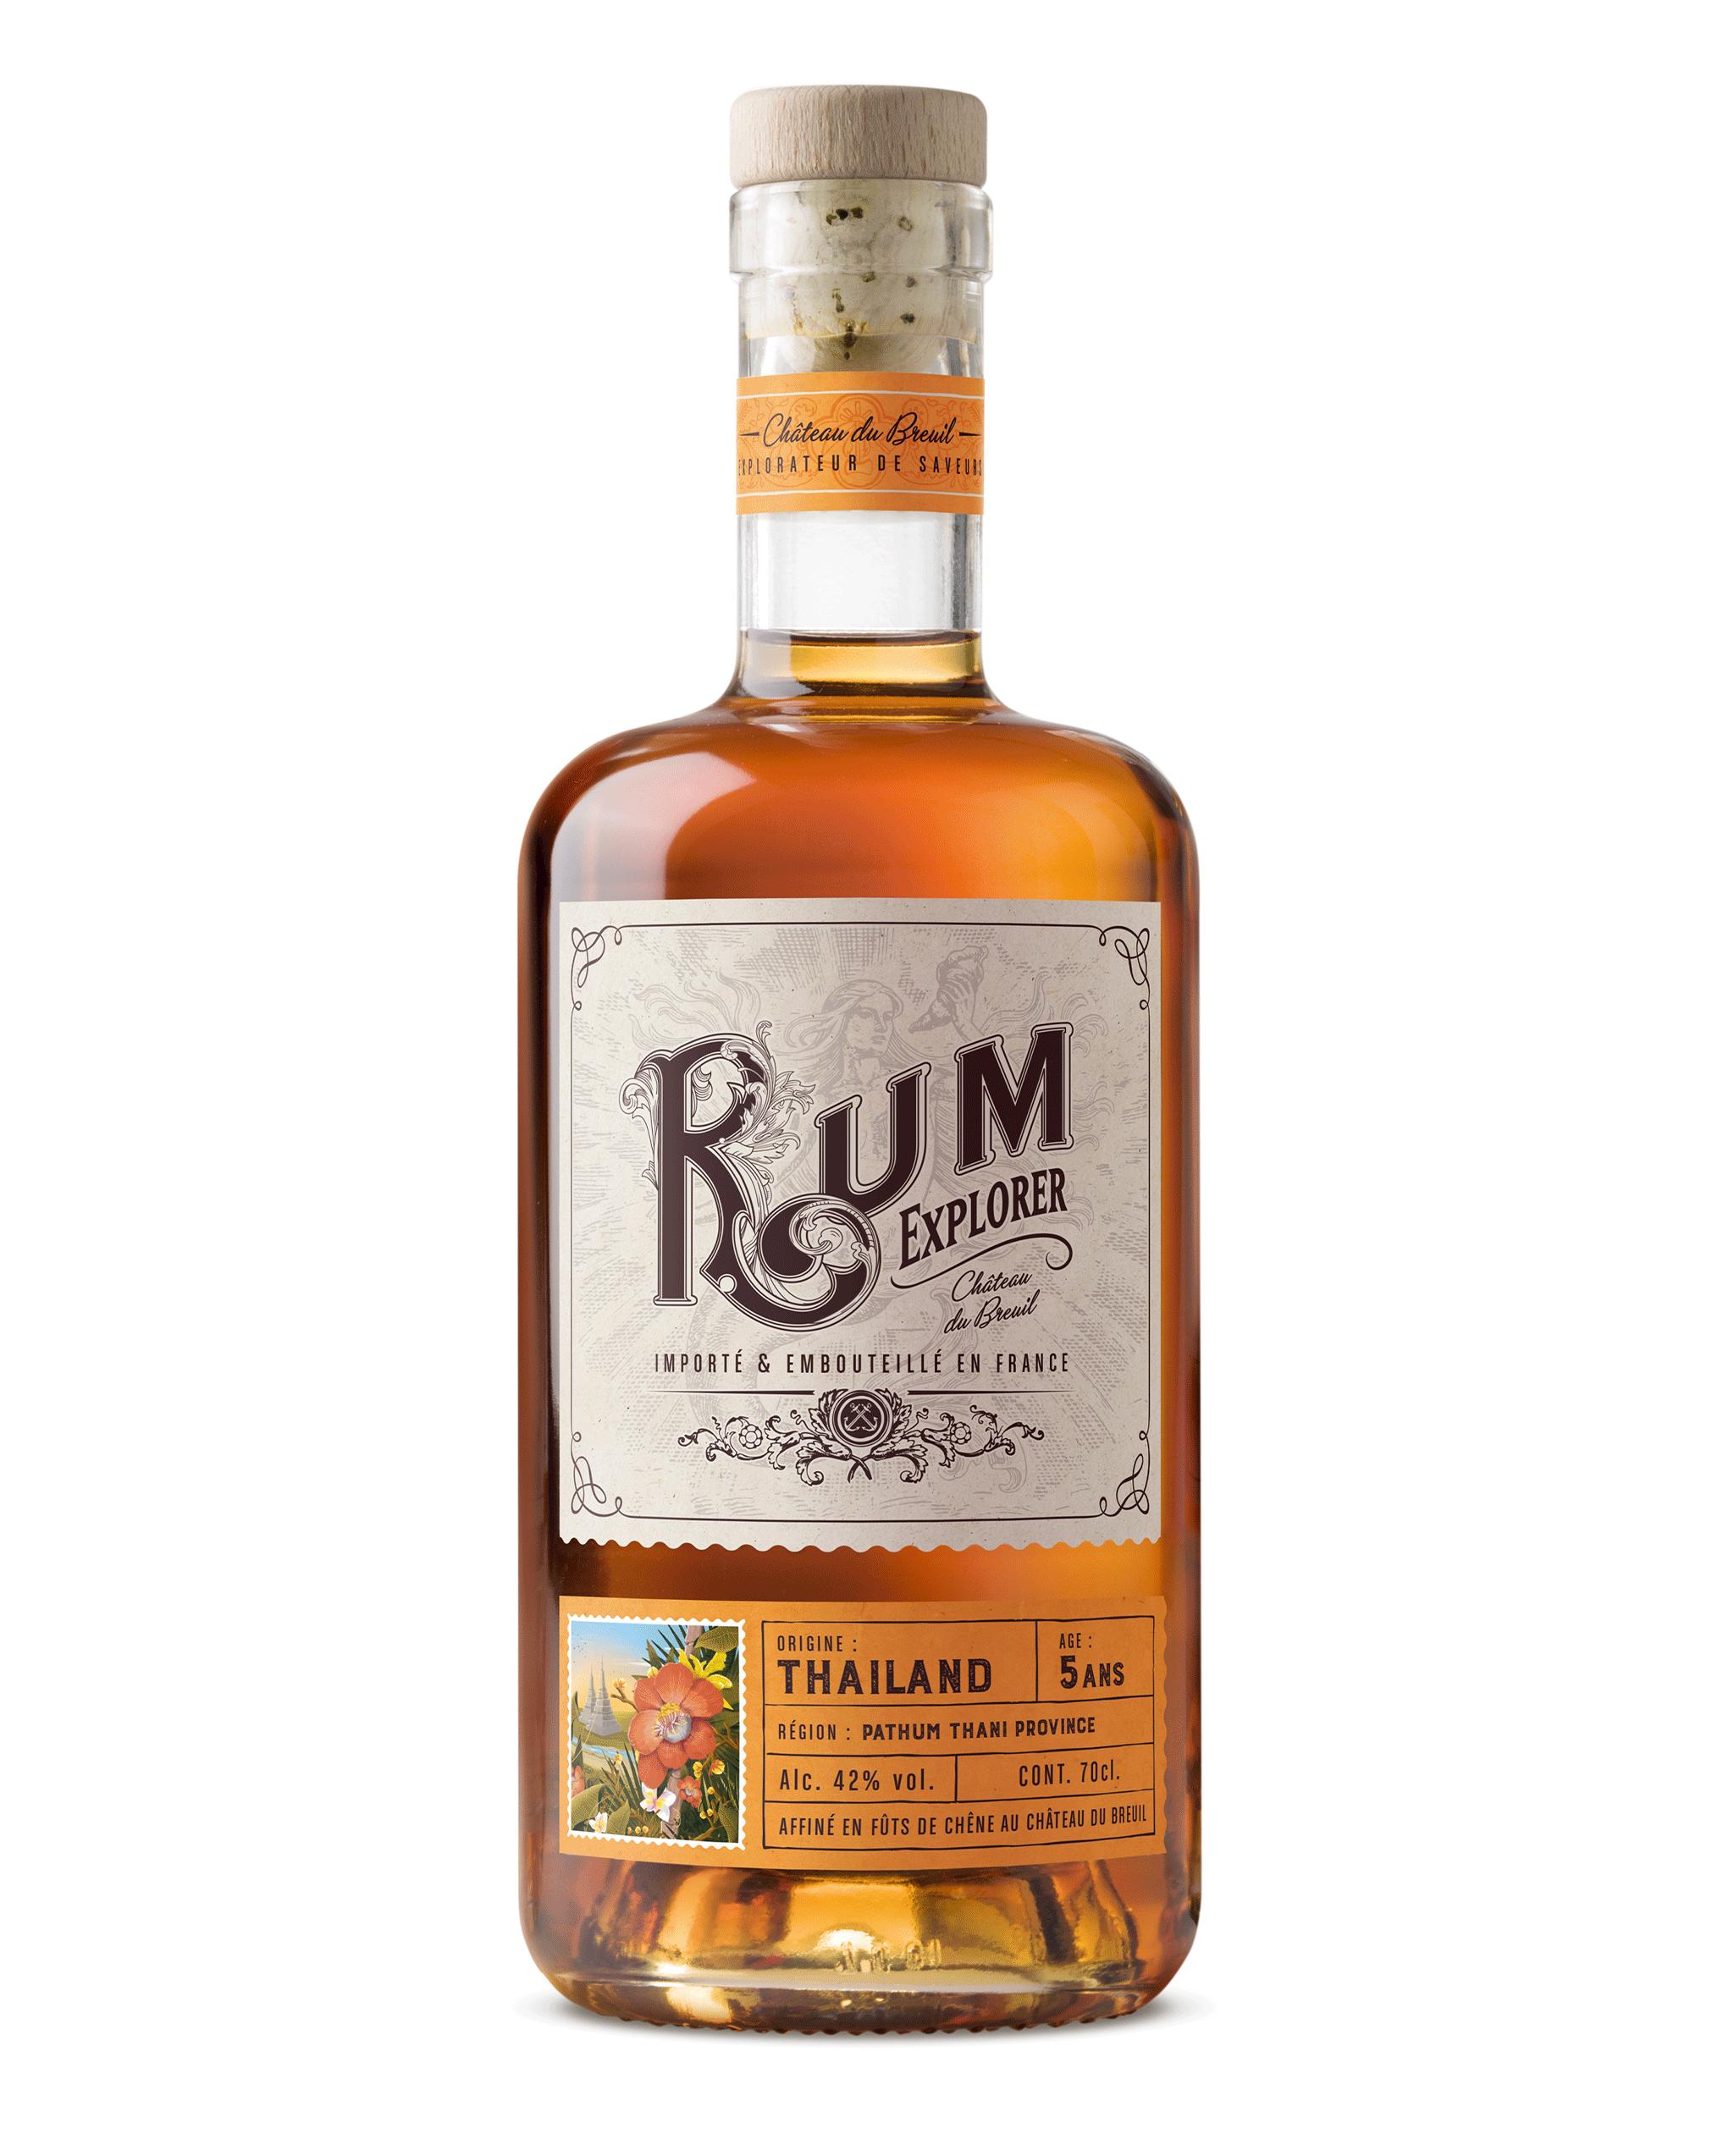 Bouteille Rum Thailand